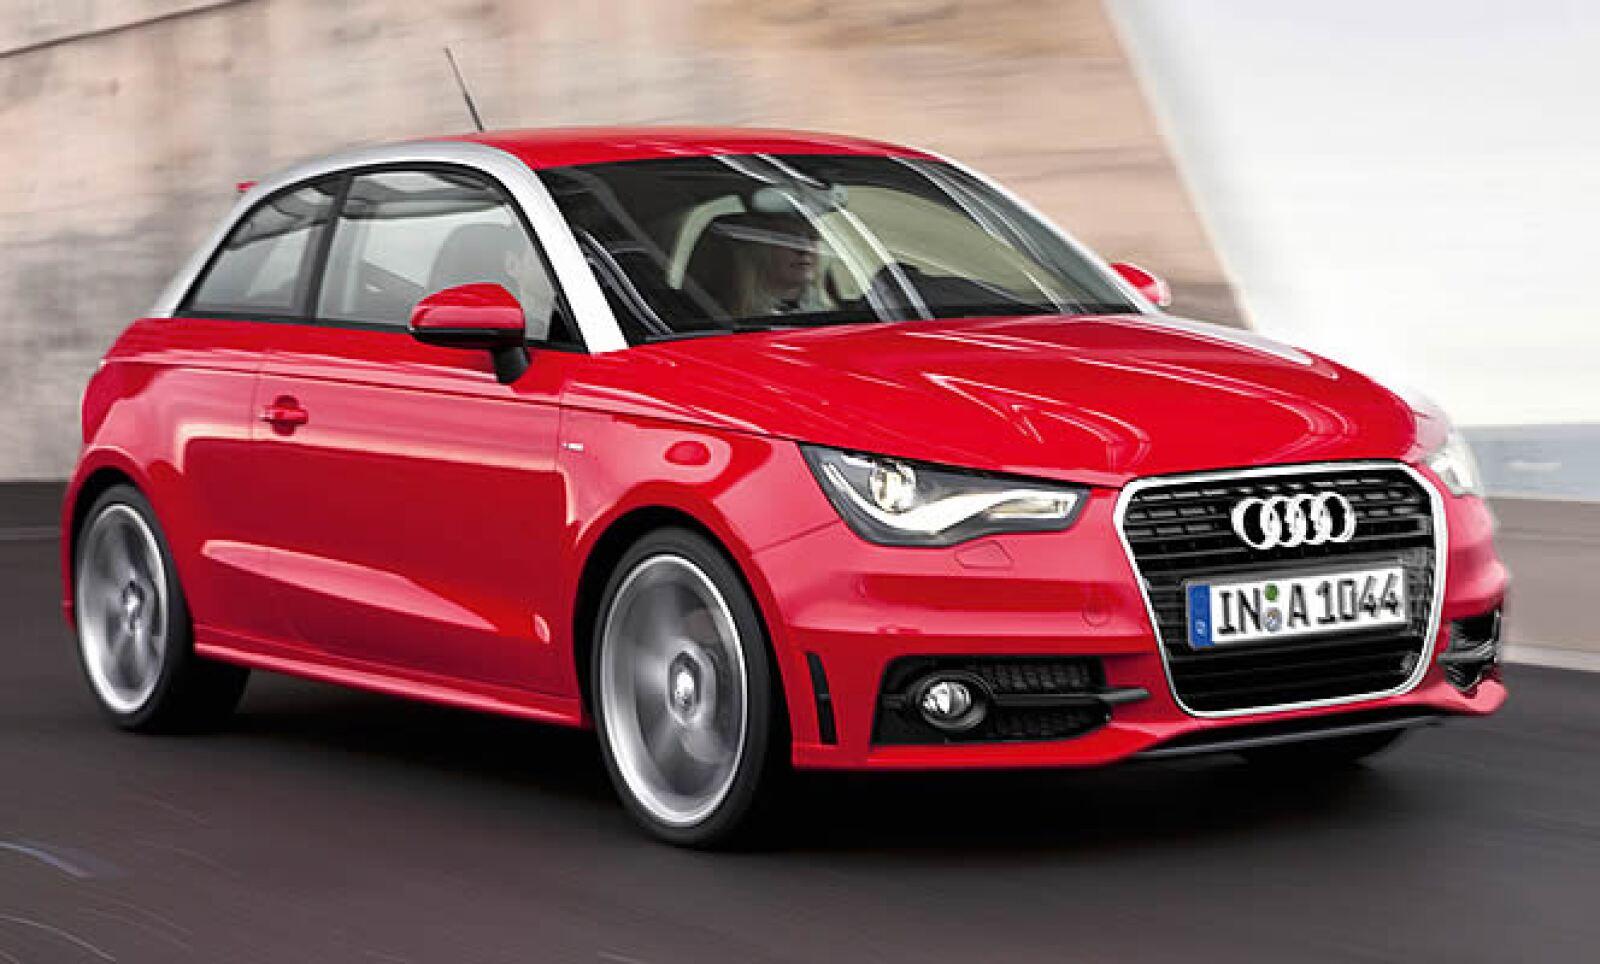 Viene equipado con un motor de 1.4 L 4 cilindros FSI Turbo con 122 caballos de fuerza (hp).